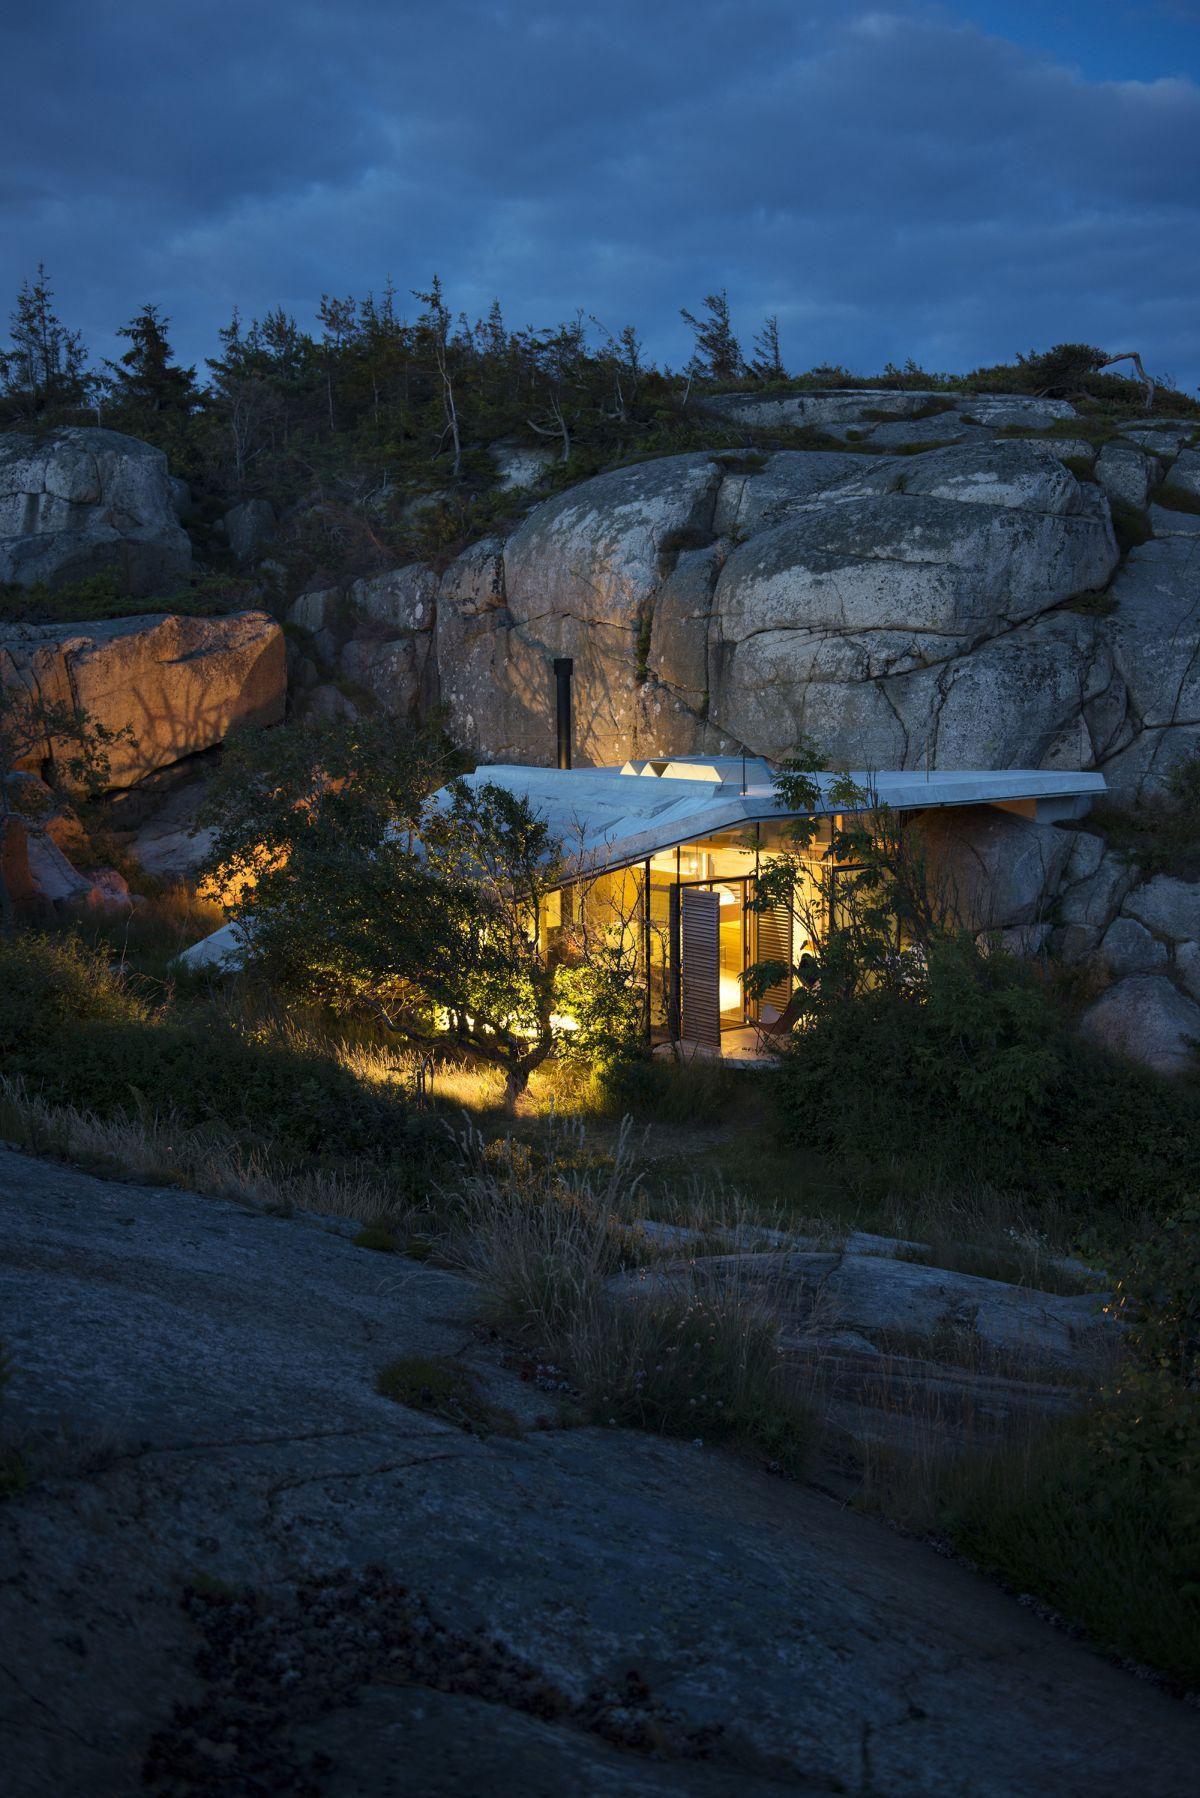 Knapphullet summer cabin at night overall